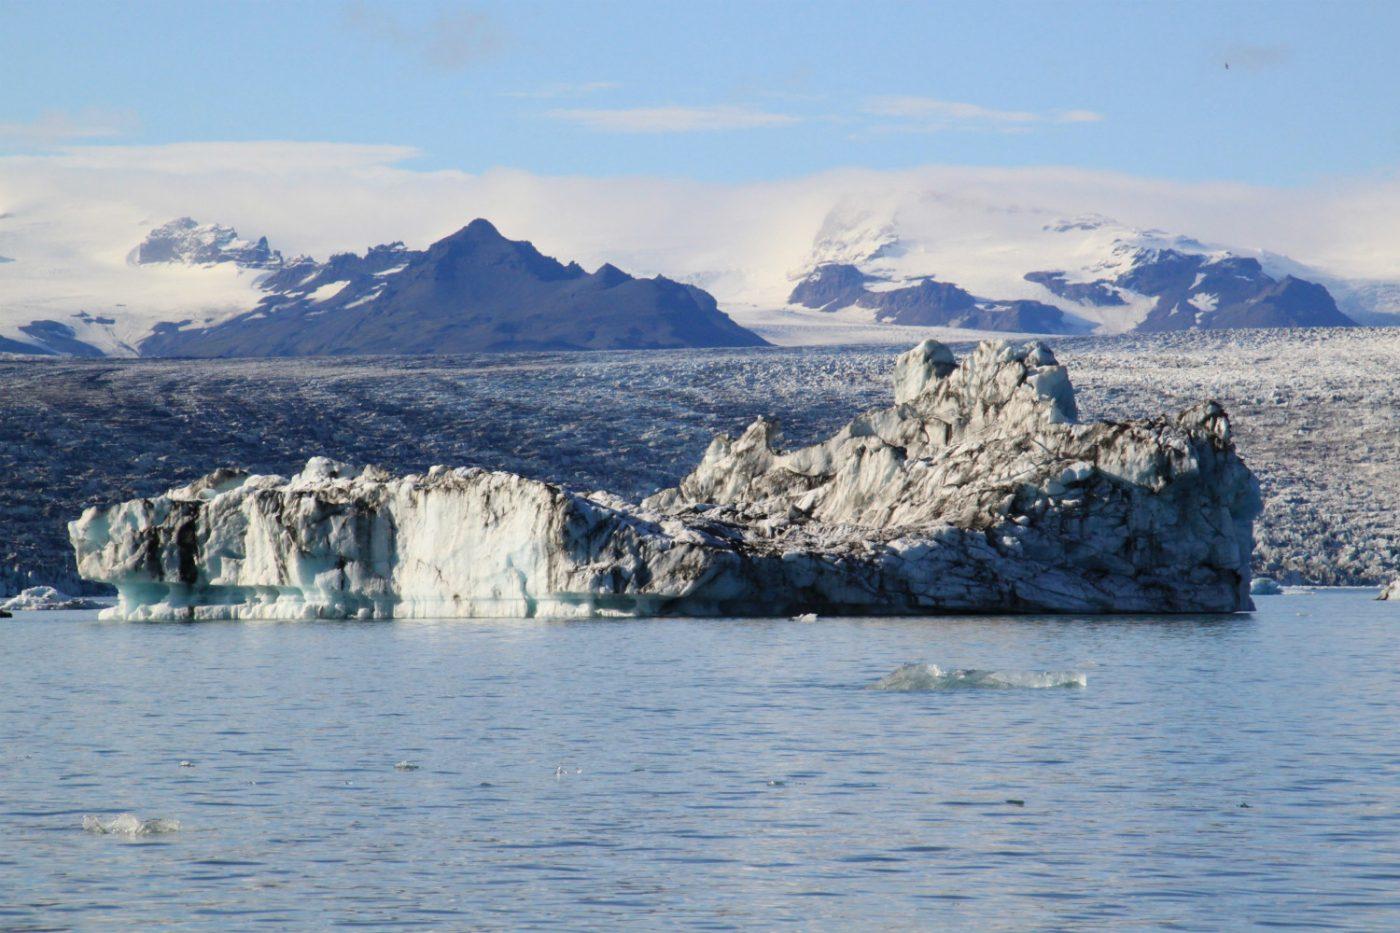 Die Gletscherlagune Jökulsárlon, in der sich das Schmelzwasser des Gletschers Vatnajökull sammelt